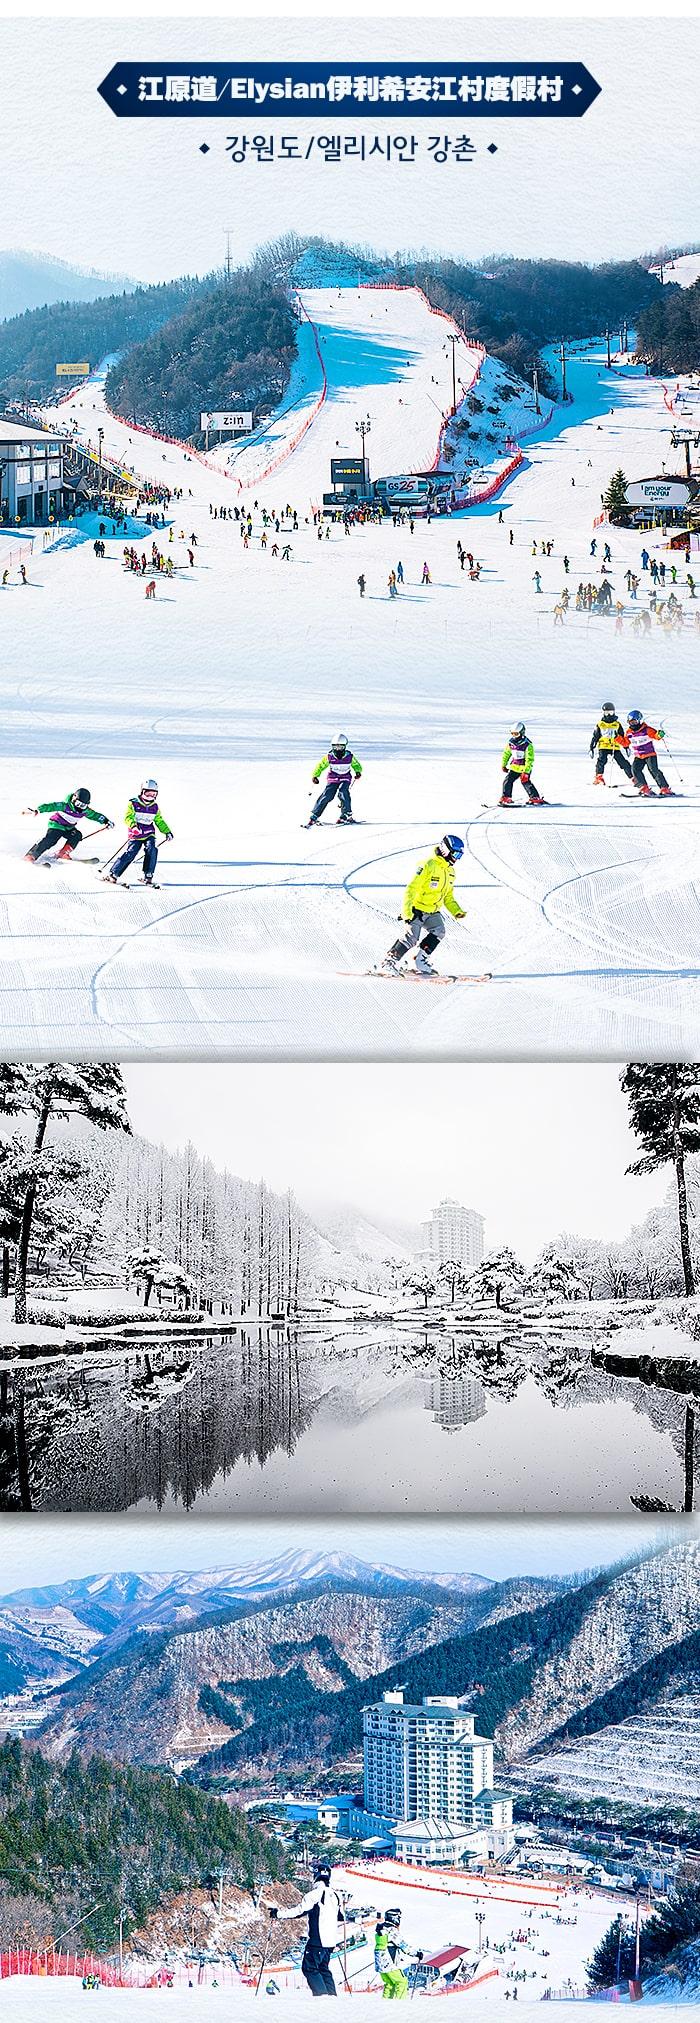 [主题频道/娱乐] 非凡冬日之旅 ! 18/19年度韩国滑雪场优惠 !